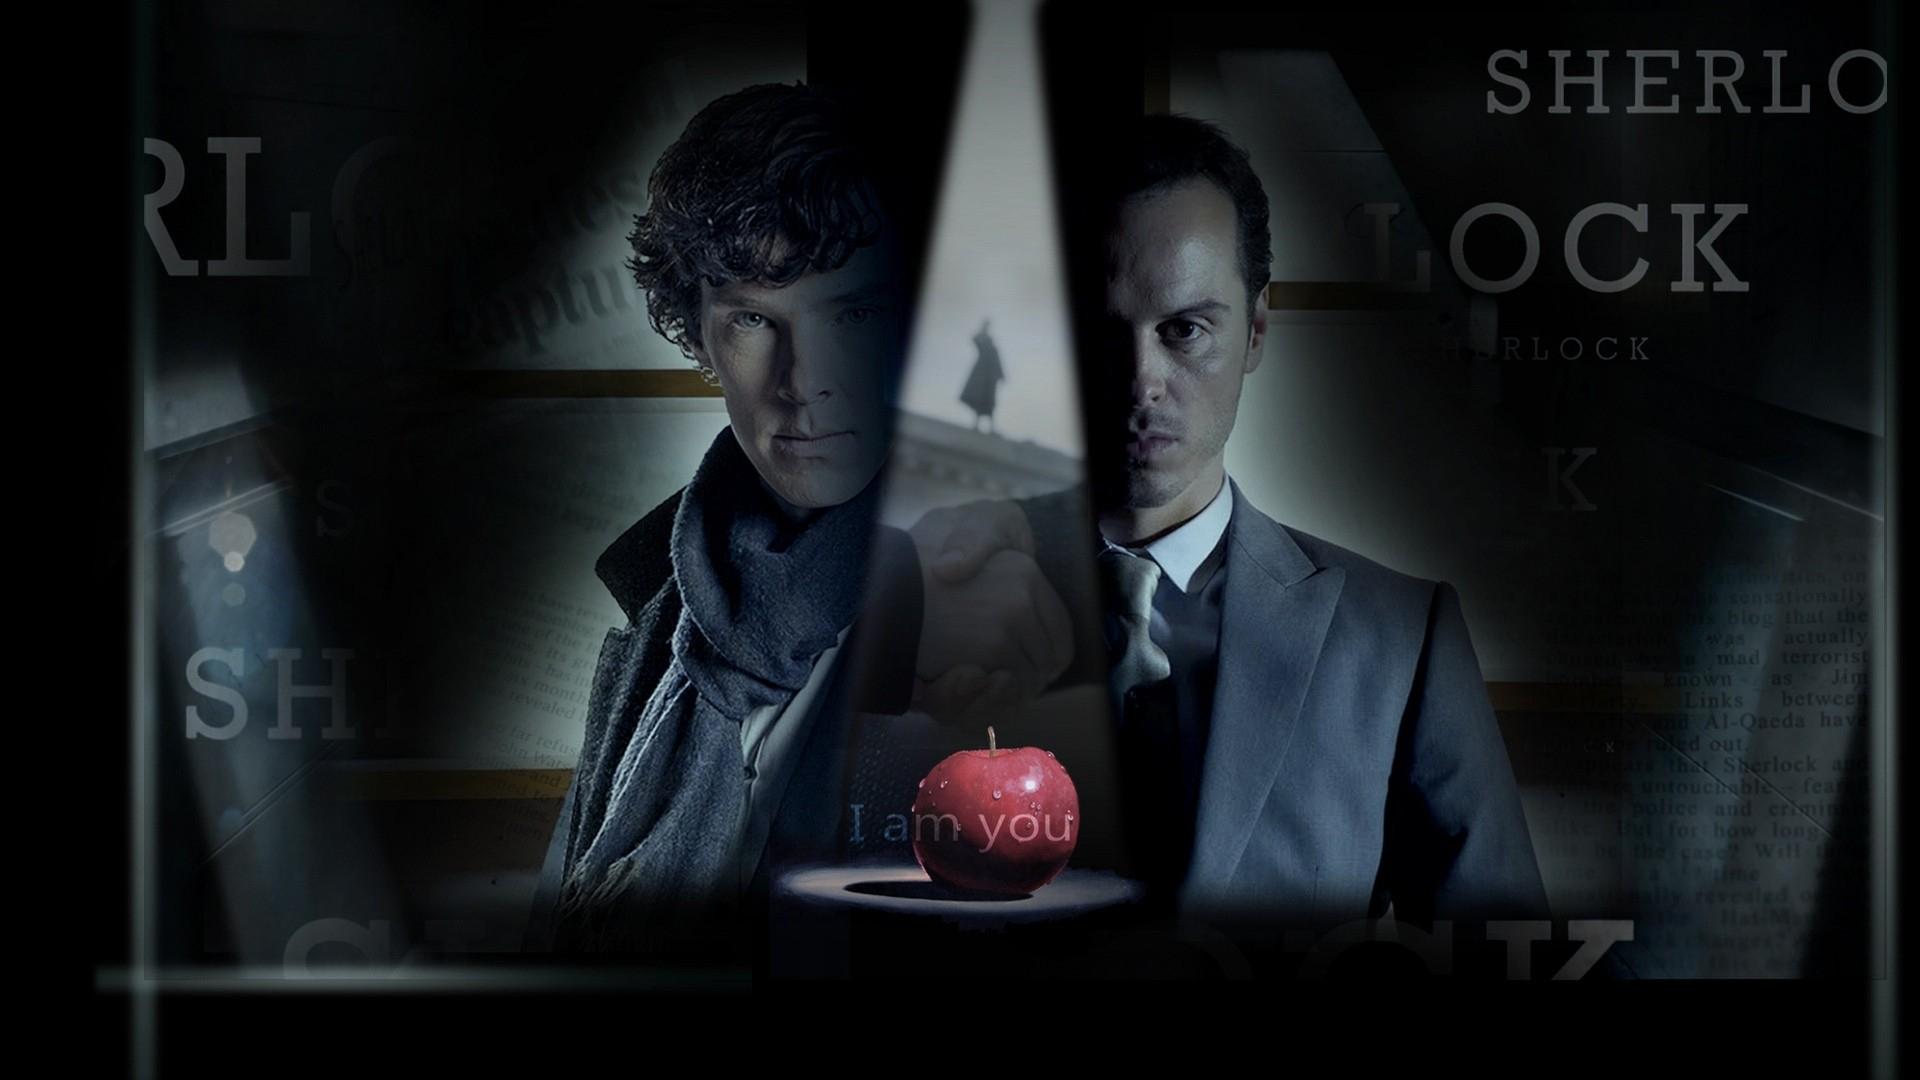 <b>Sherlock Wallpaper</b> | 4285×2857 | ID:39327